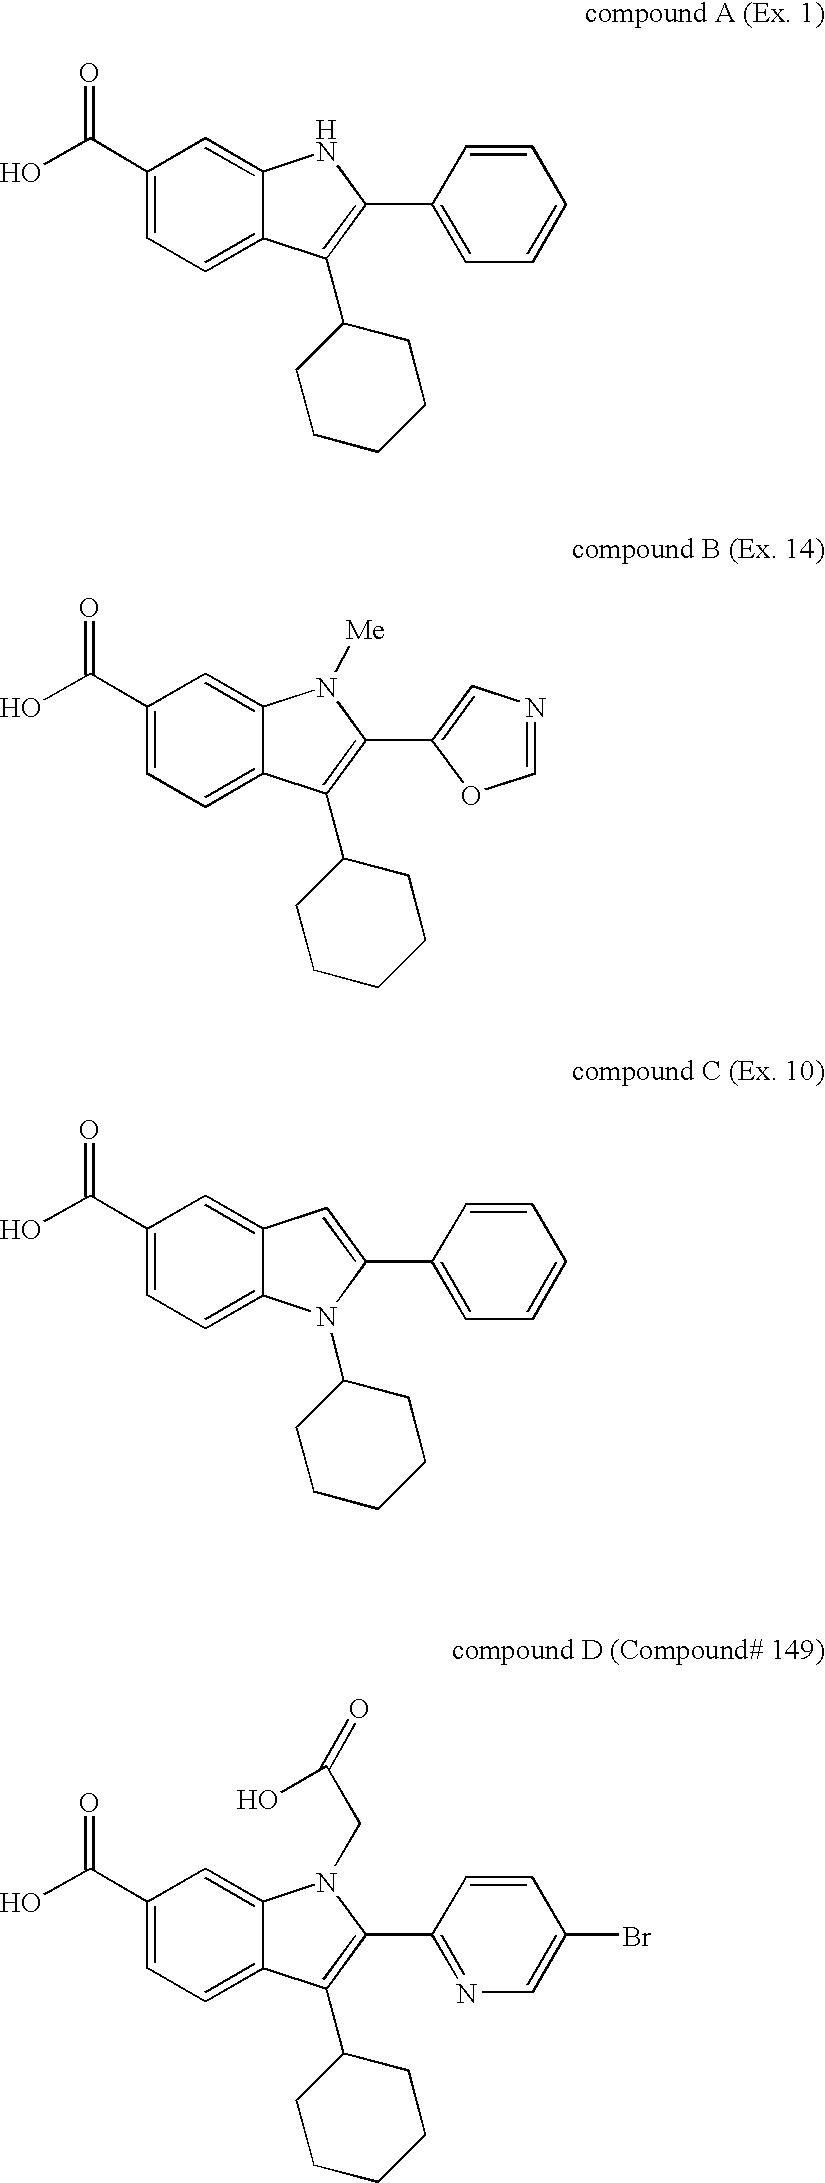 Figure US20070049593A1-20070301-C00009